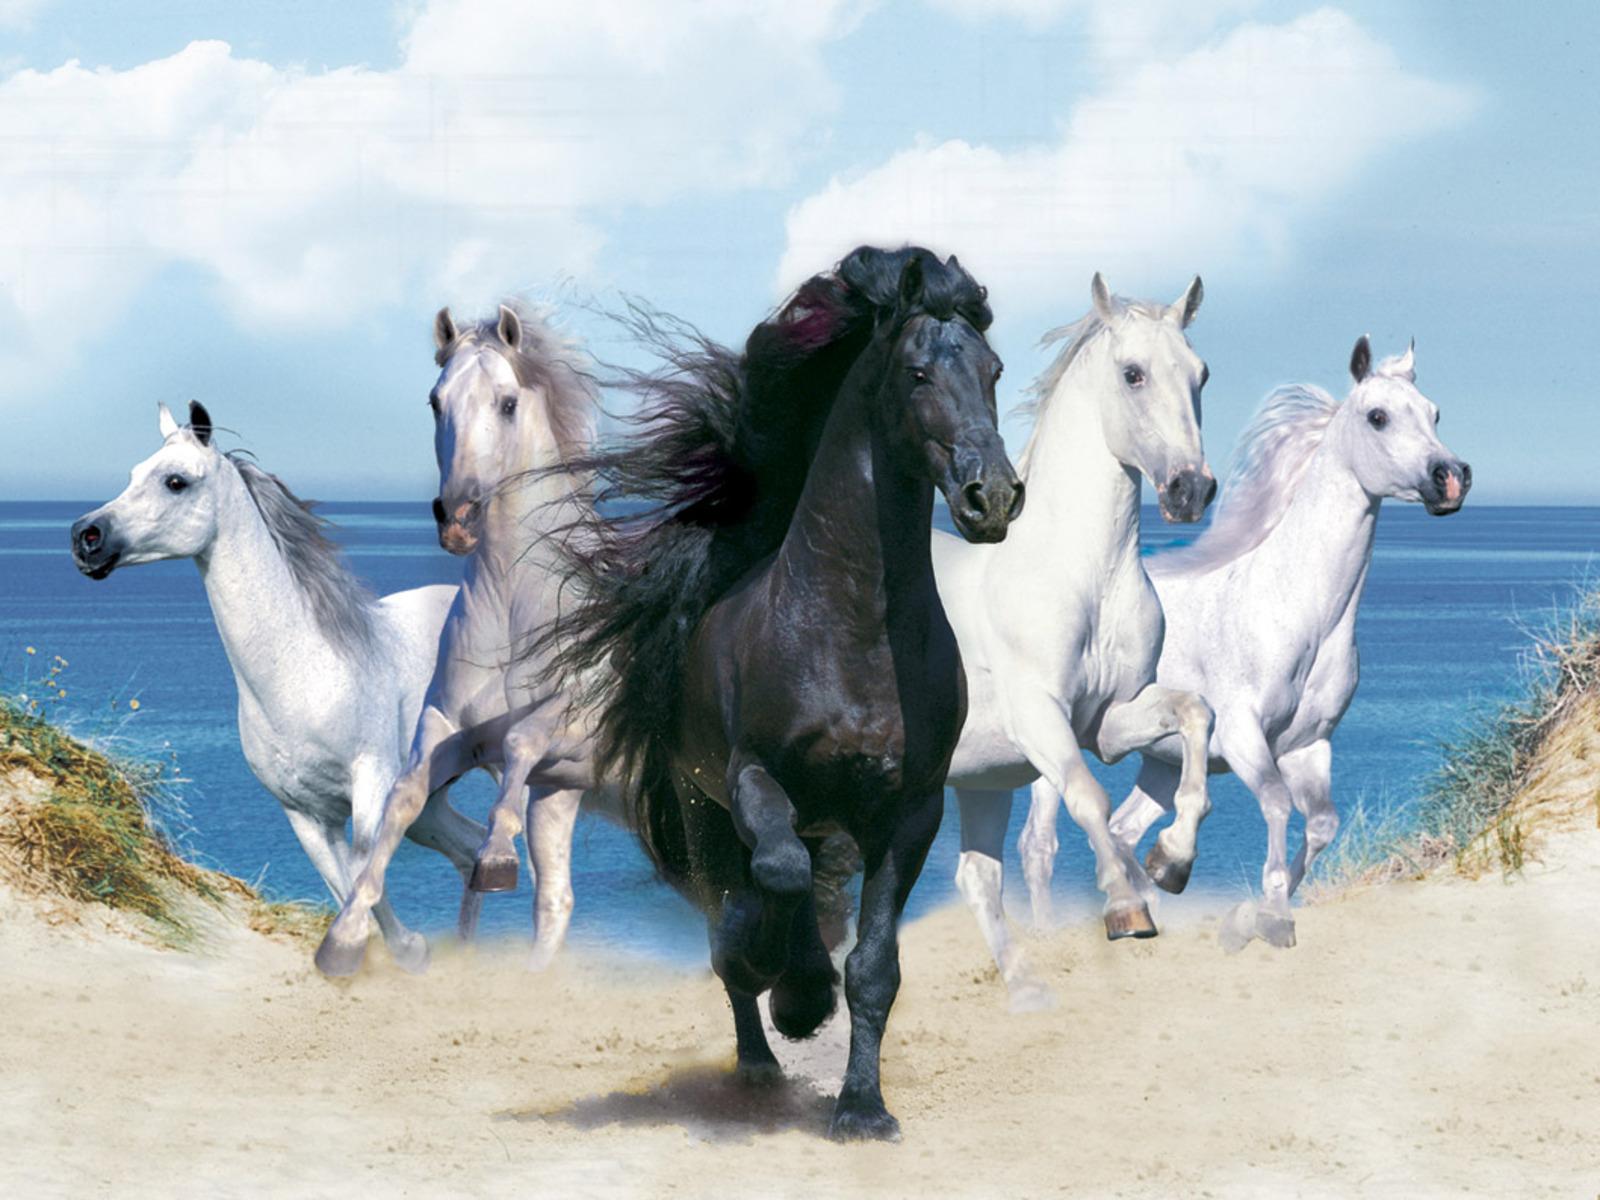 Good   Wallpaper Horse Flicka - The-best-top-desktop-horse-wallpapers-4  Image_1285.jpg